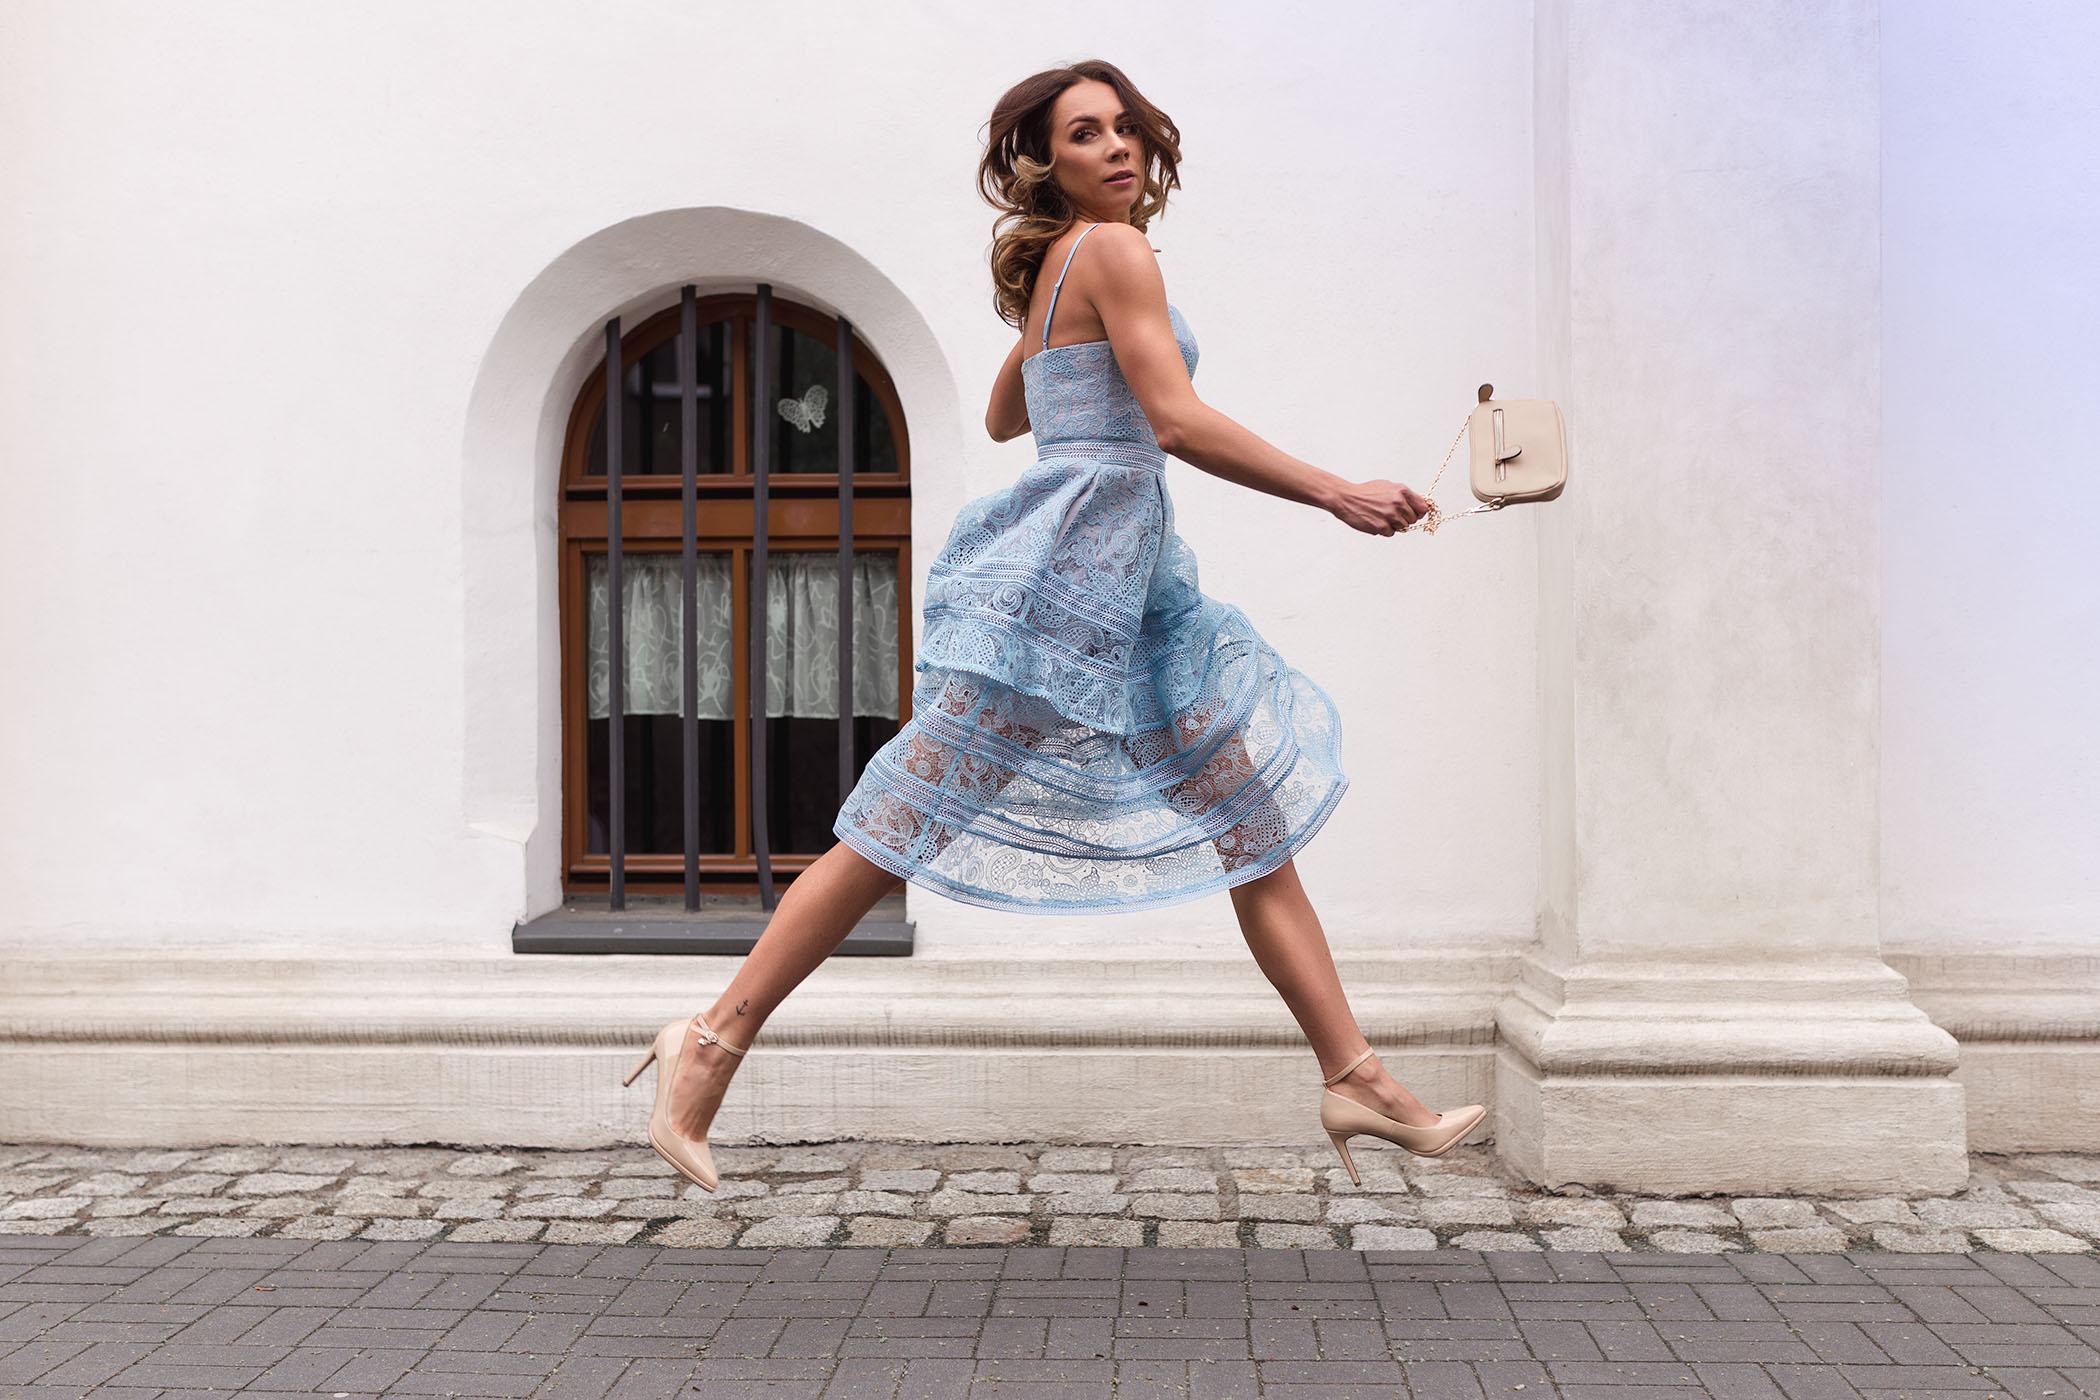 7b285cf957e Sukienka Self Portrait, wypożyczalnia sukienek od projektantów, Self  Portrait różowa, Love The Dress